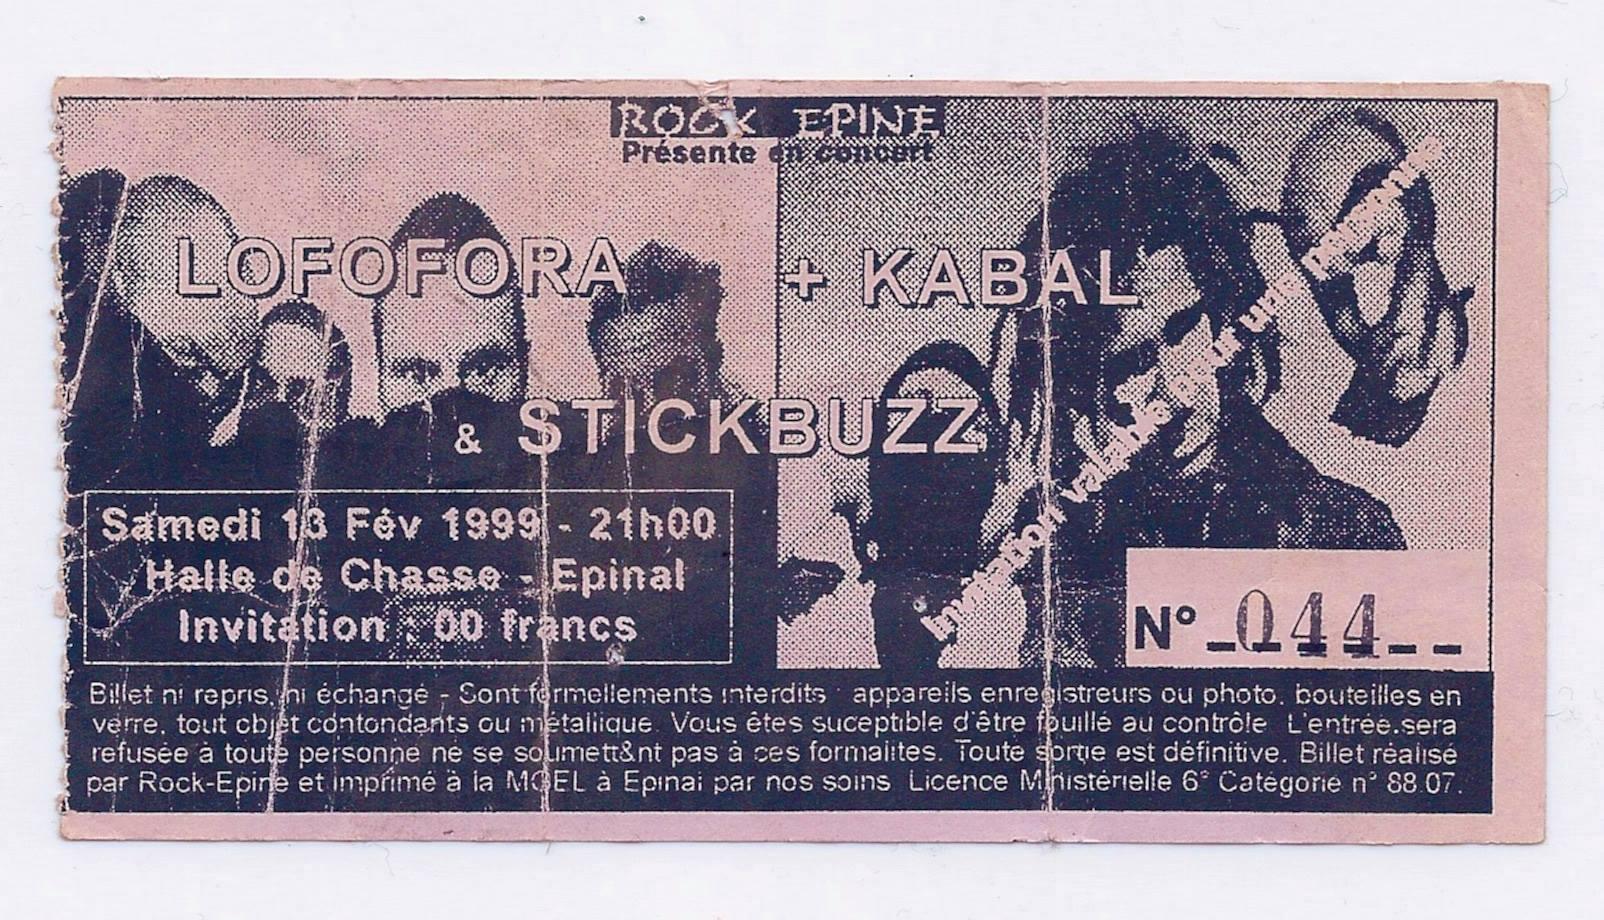 """13 février 1999 Lofofora, Kabal, Stickbuzz à Epinal """"Halle de la Chasse"""""""